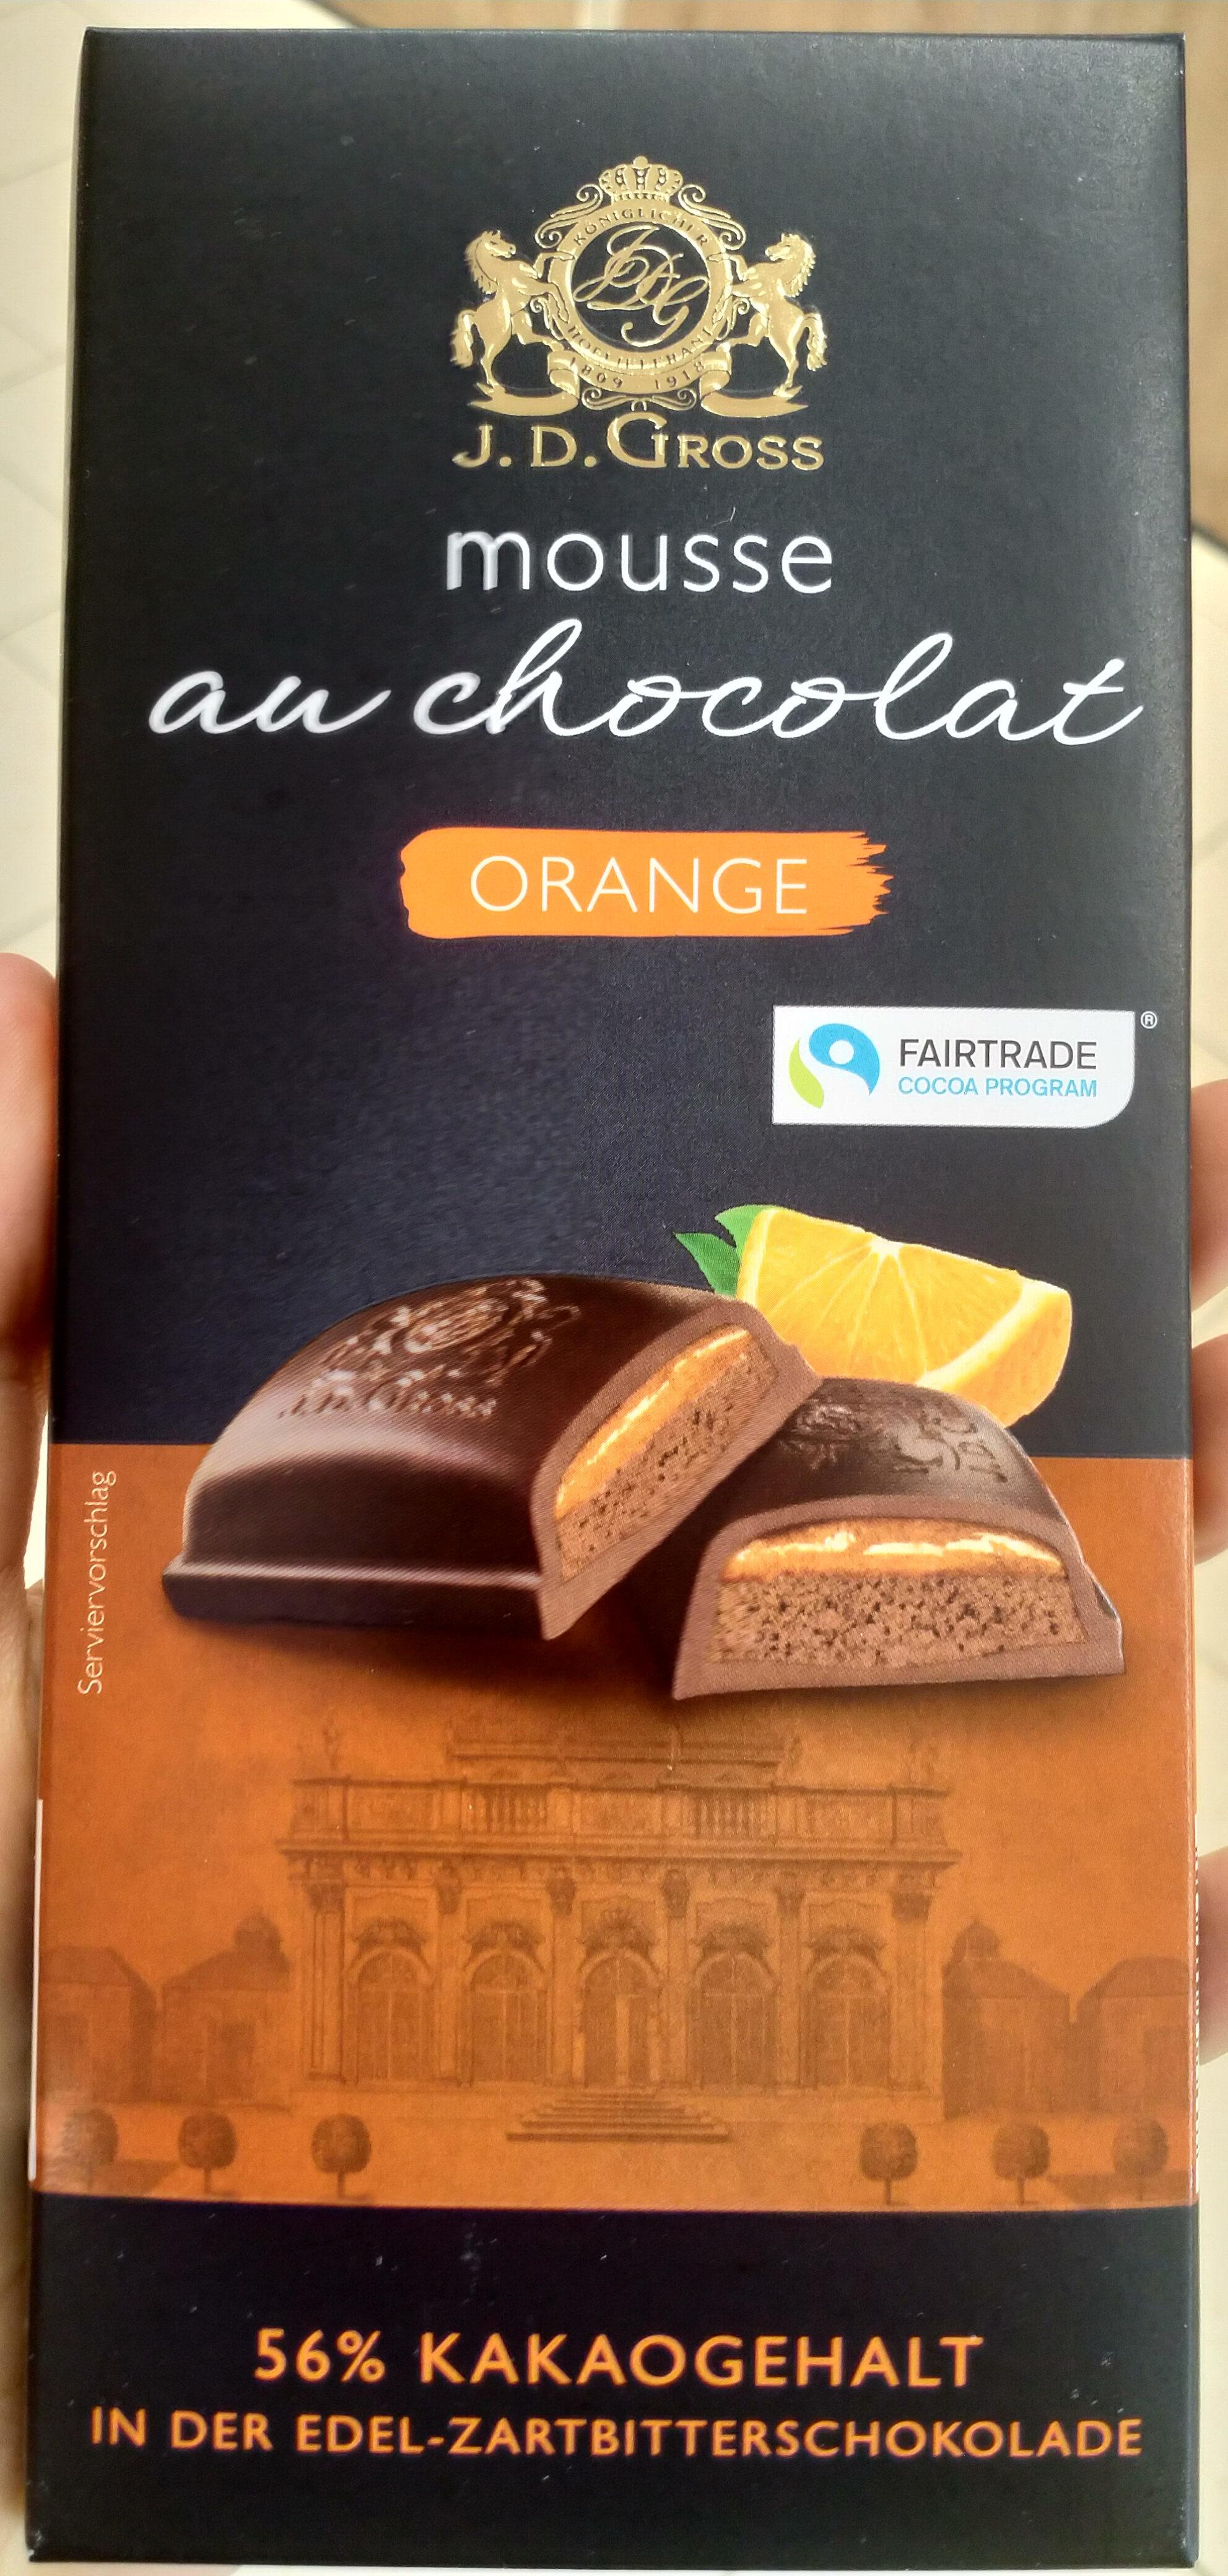 Mousse au chocolat Orange - Product - de